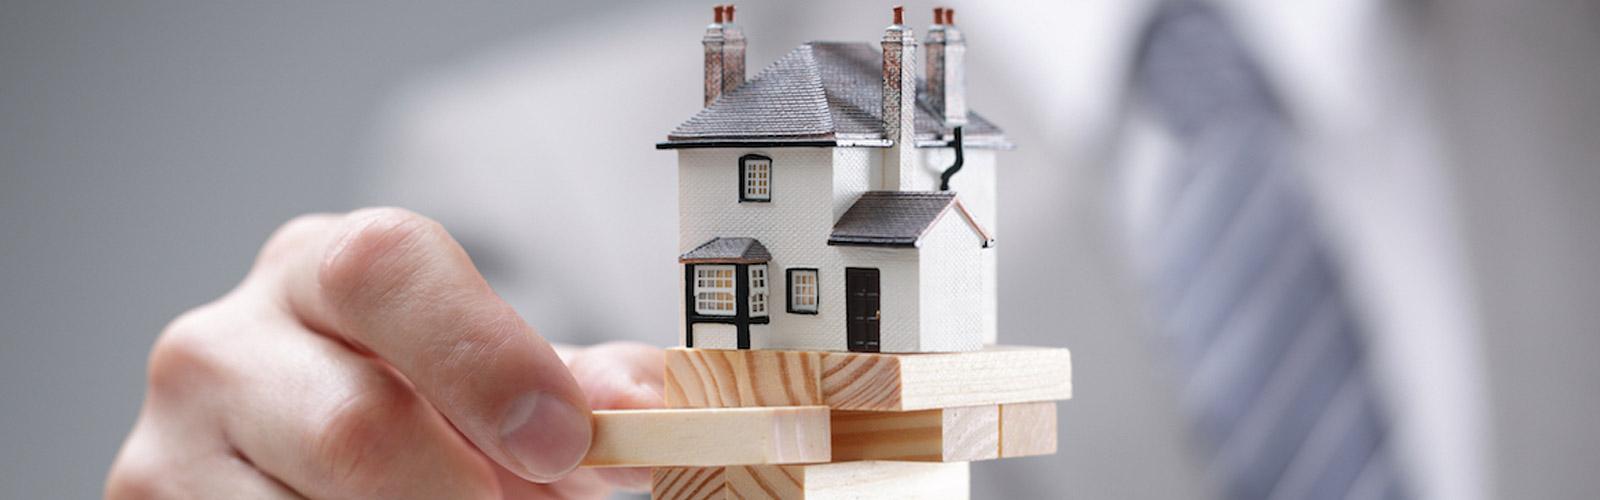 Servicio de asesoría legal en hipotecas